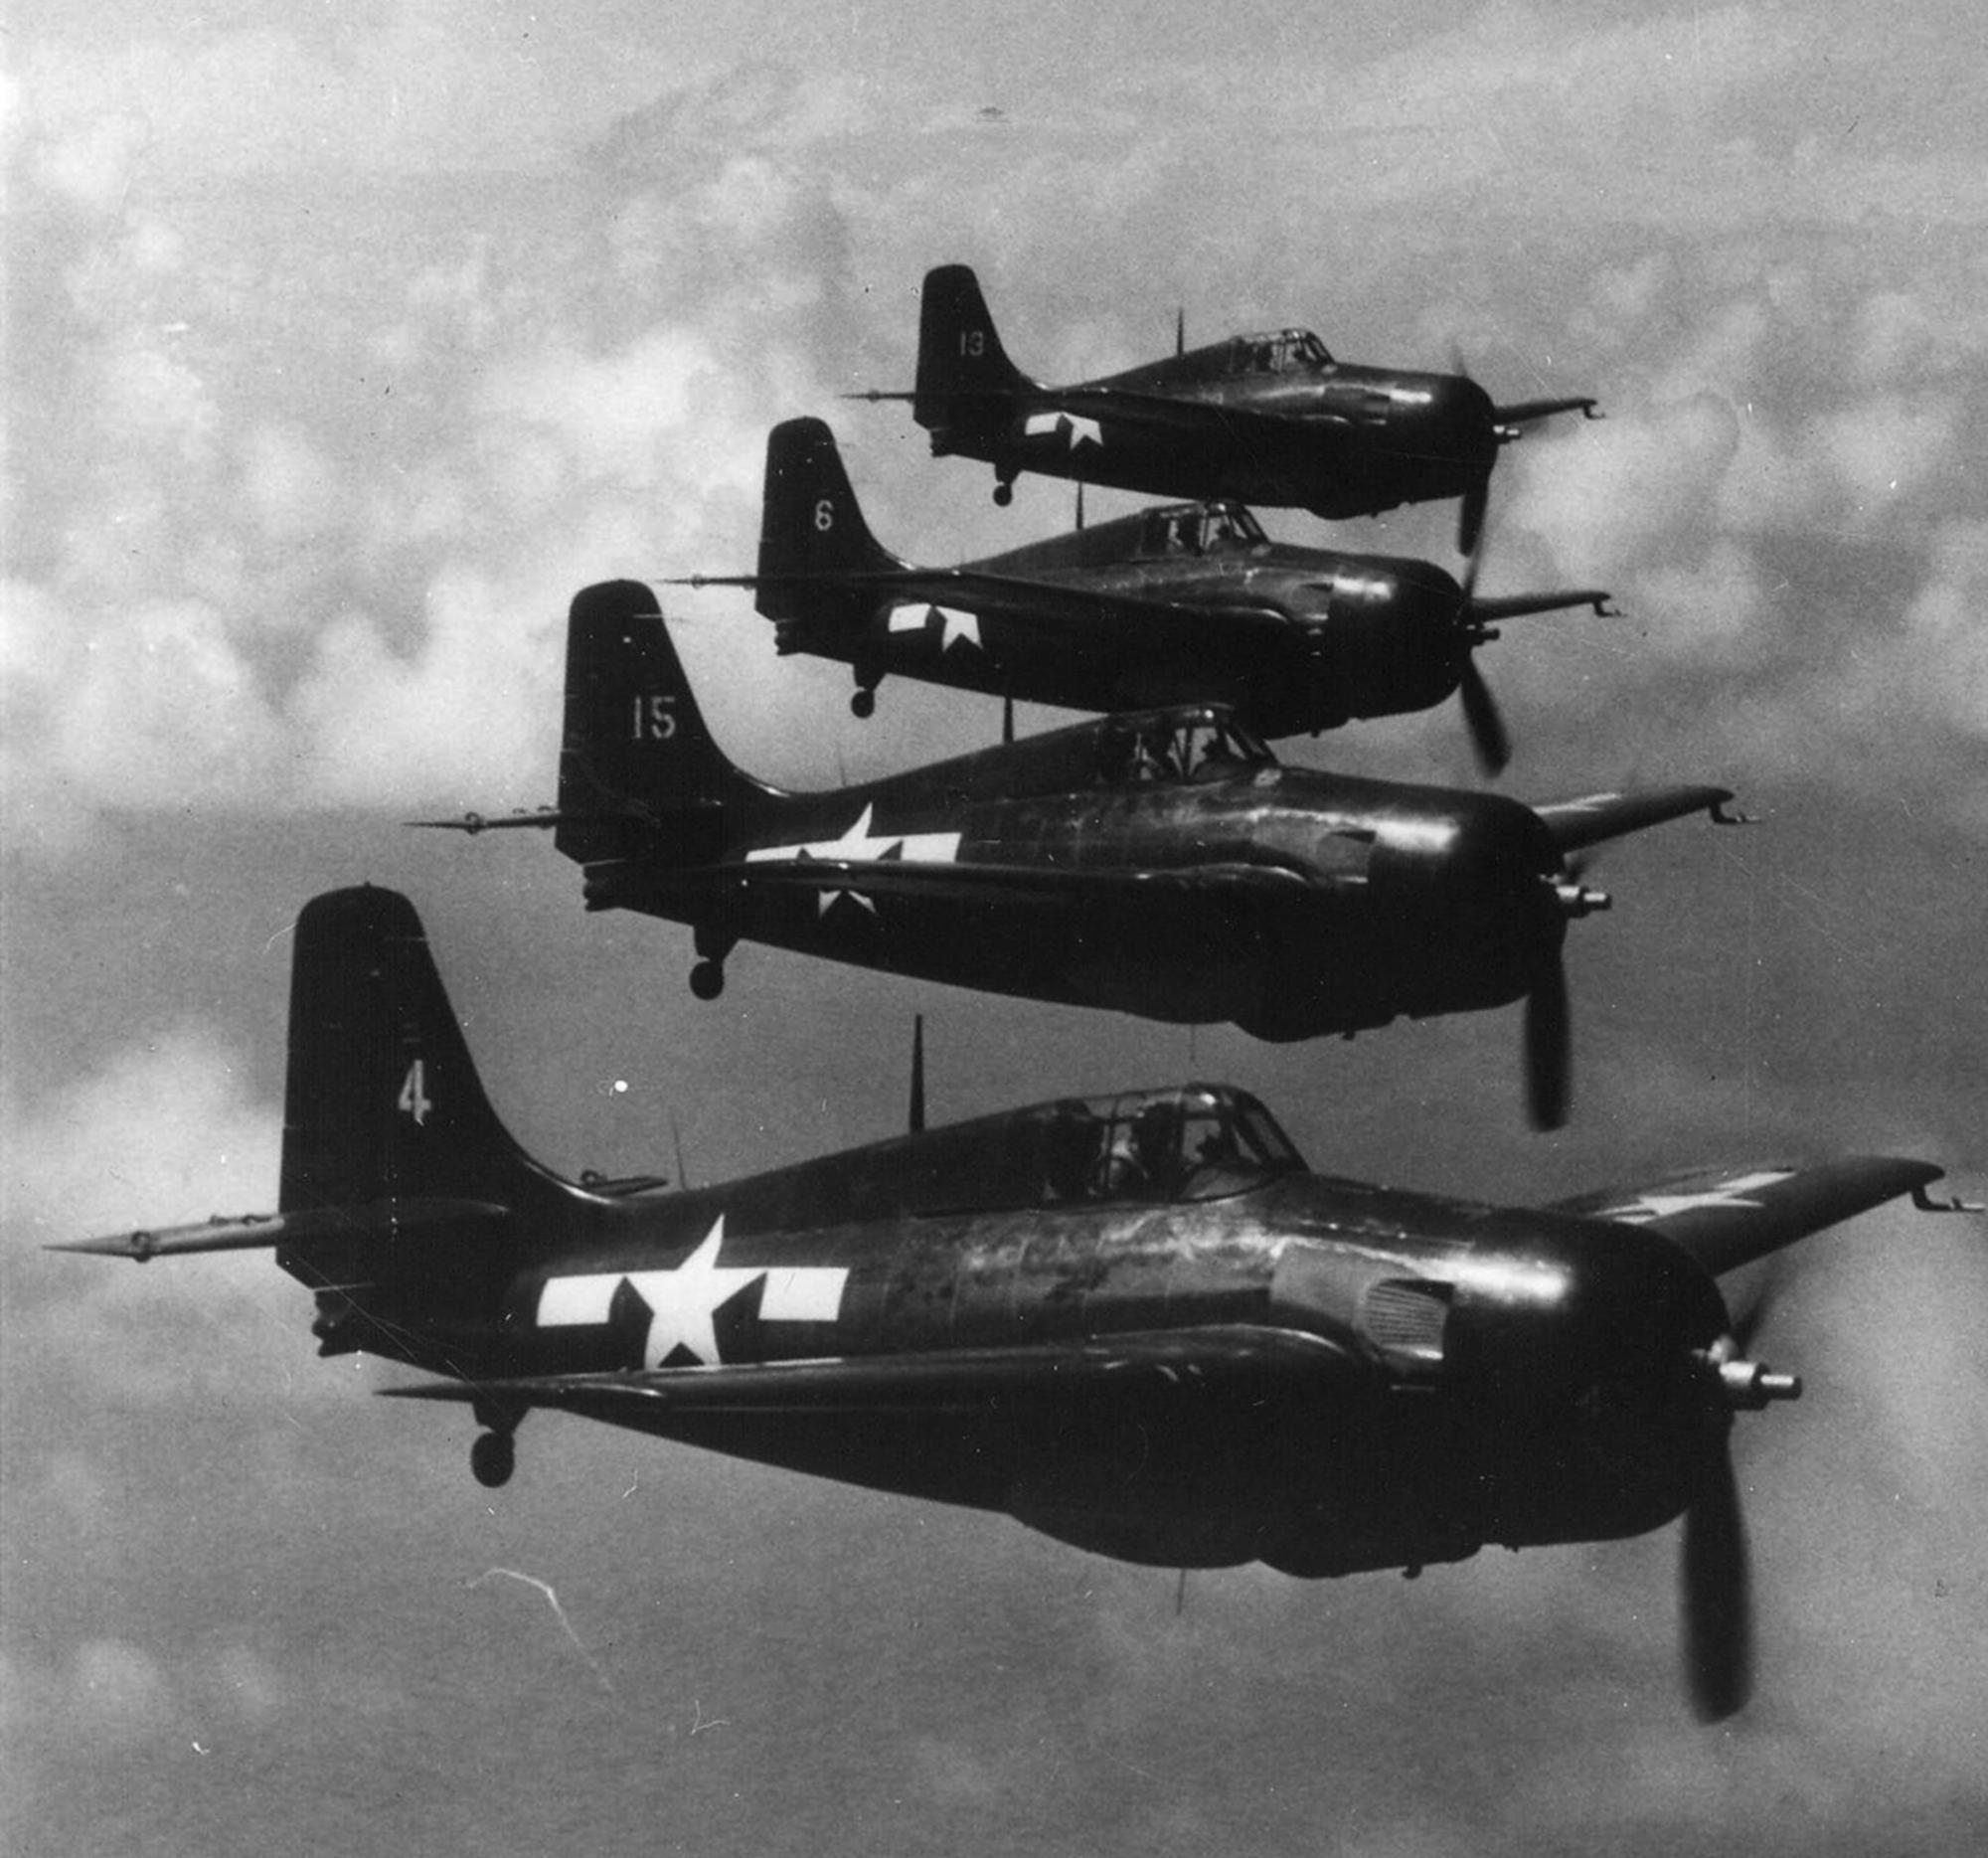 FM 2 Wildcat VC 77 Yellow 4,15,6 and 9 CVE 81 USS Rudyerd Bay 1945 01